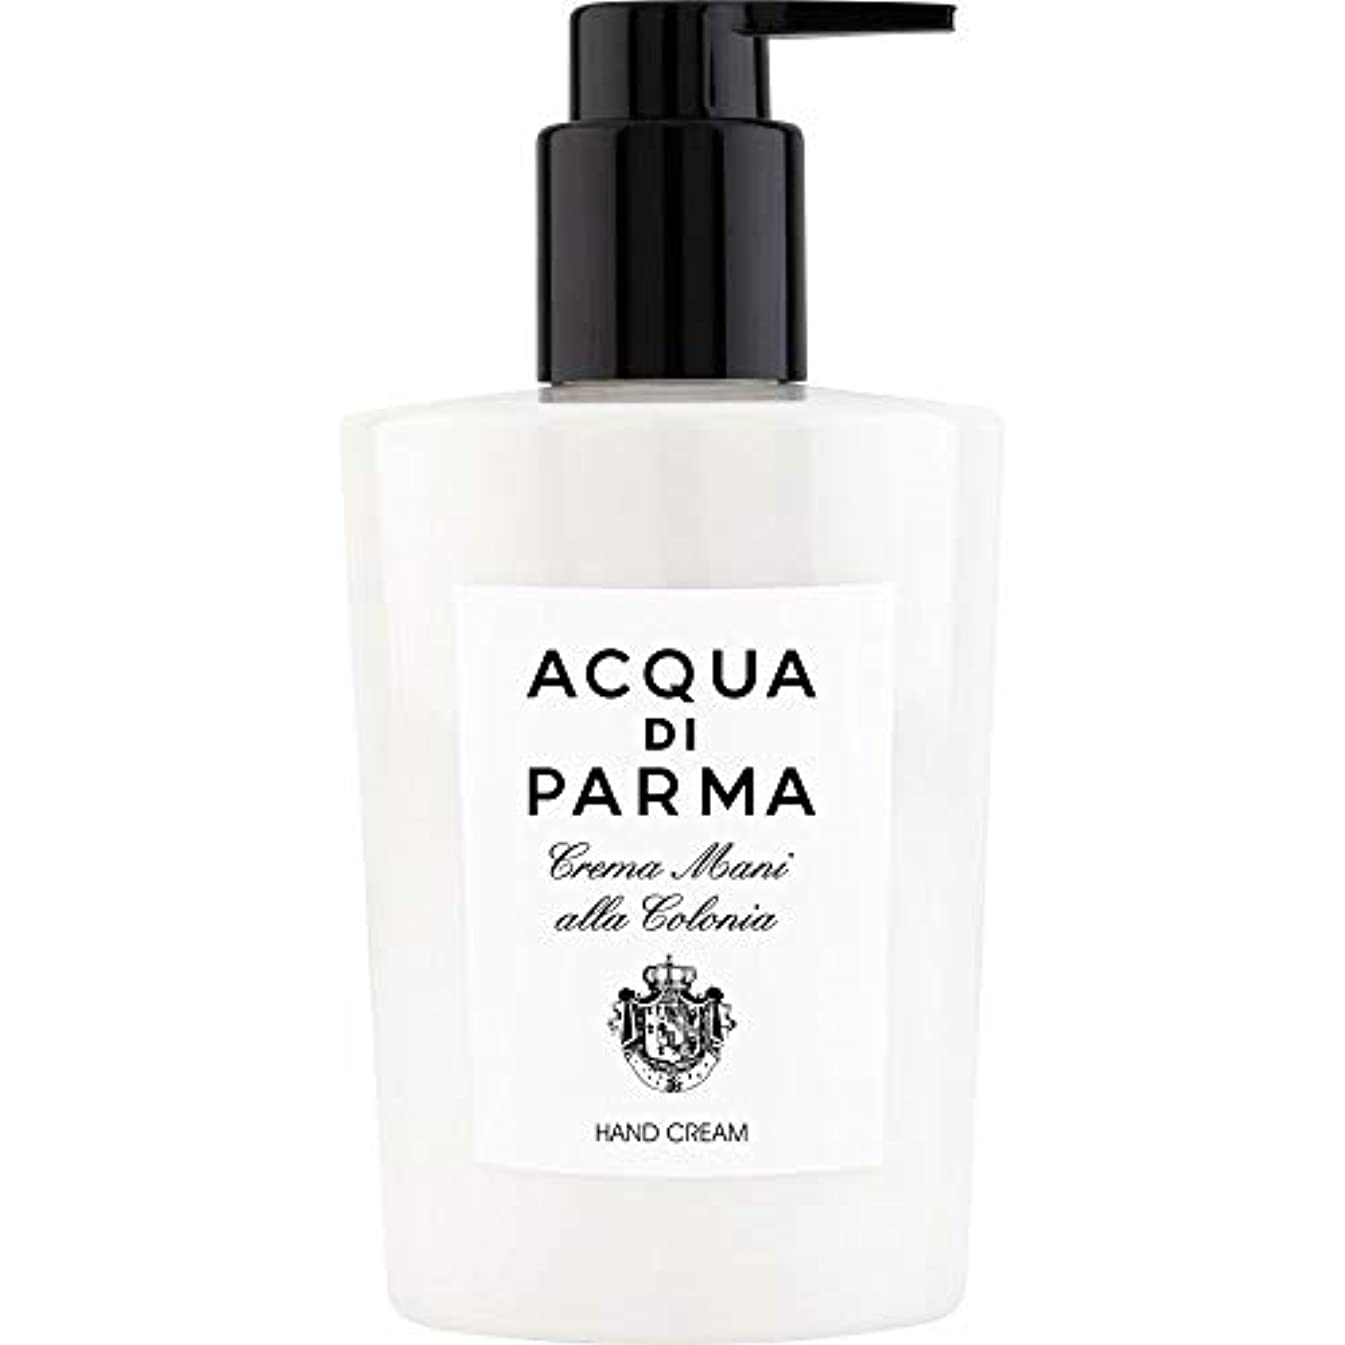 変動する忙しい全体[Acqua di Parma] アクアディパルマコロニアのハンドクリーム300ミリリットル - Acqua di Parma Colonia Hand Cream 300ml [並行輸入品]